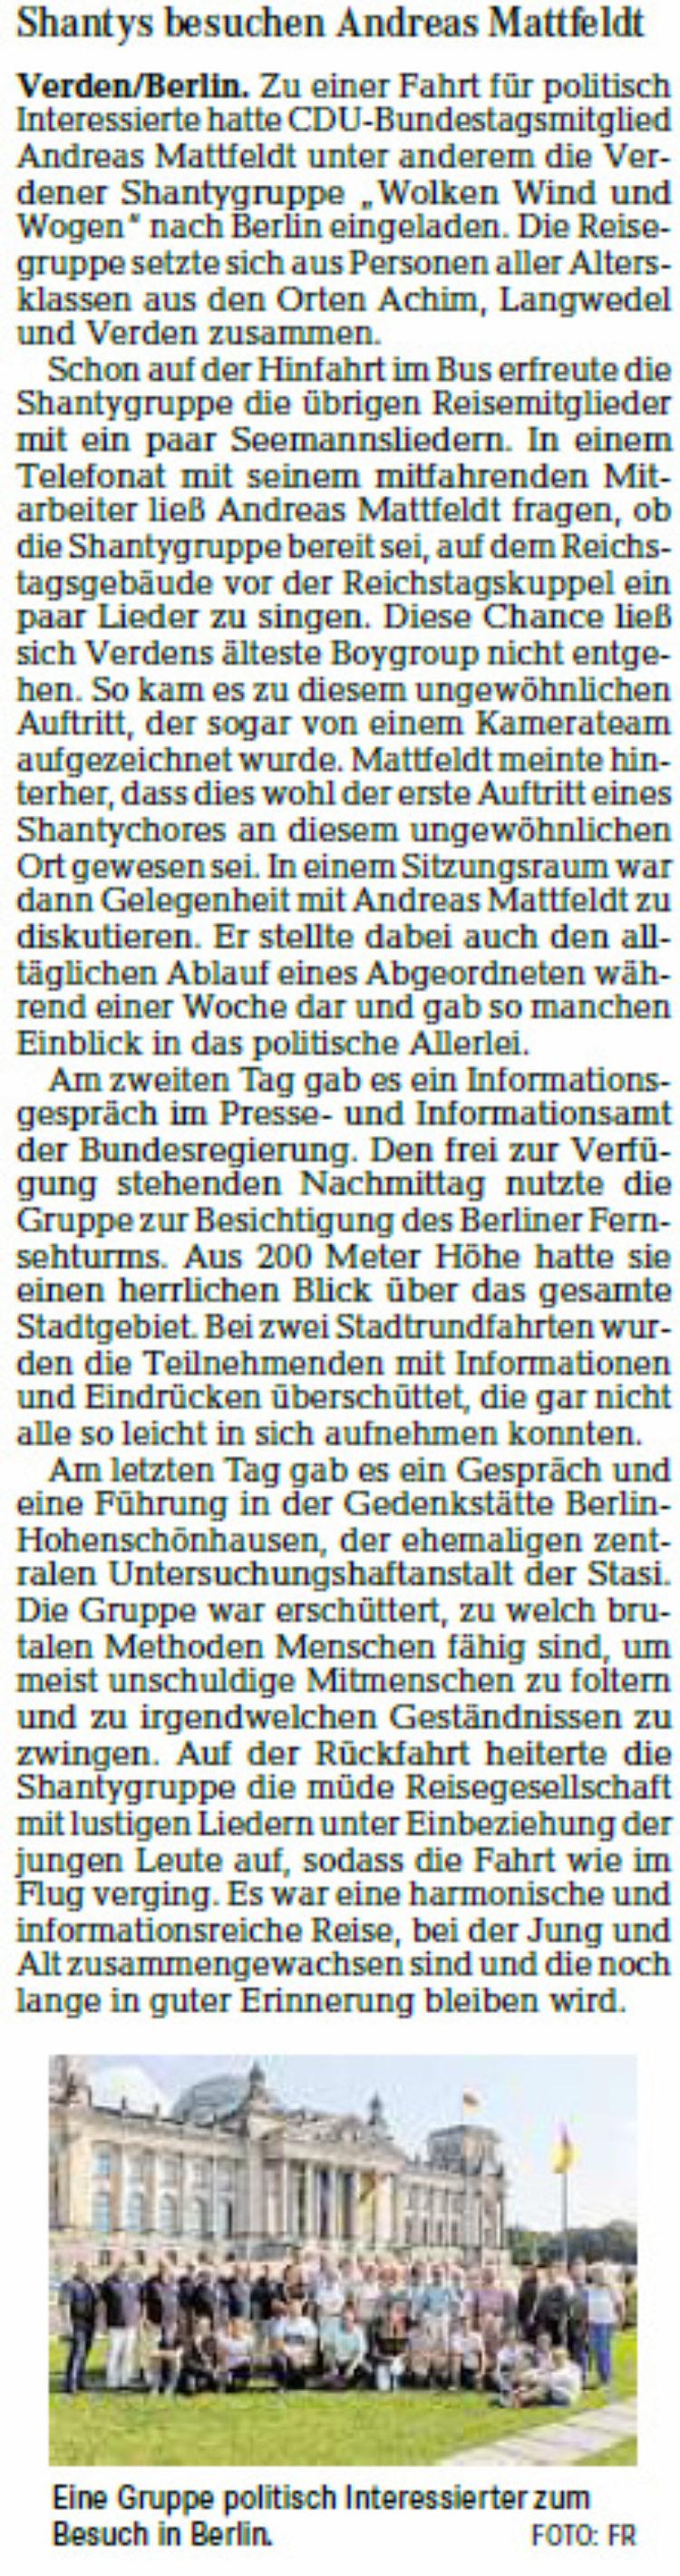 Konzert auf dem Reichstag